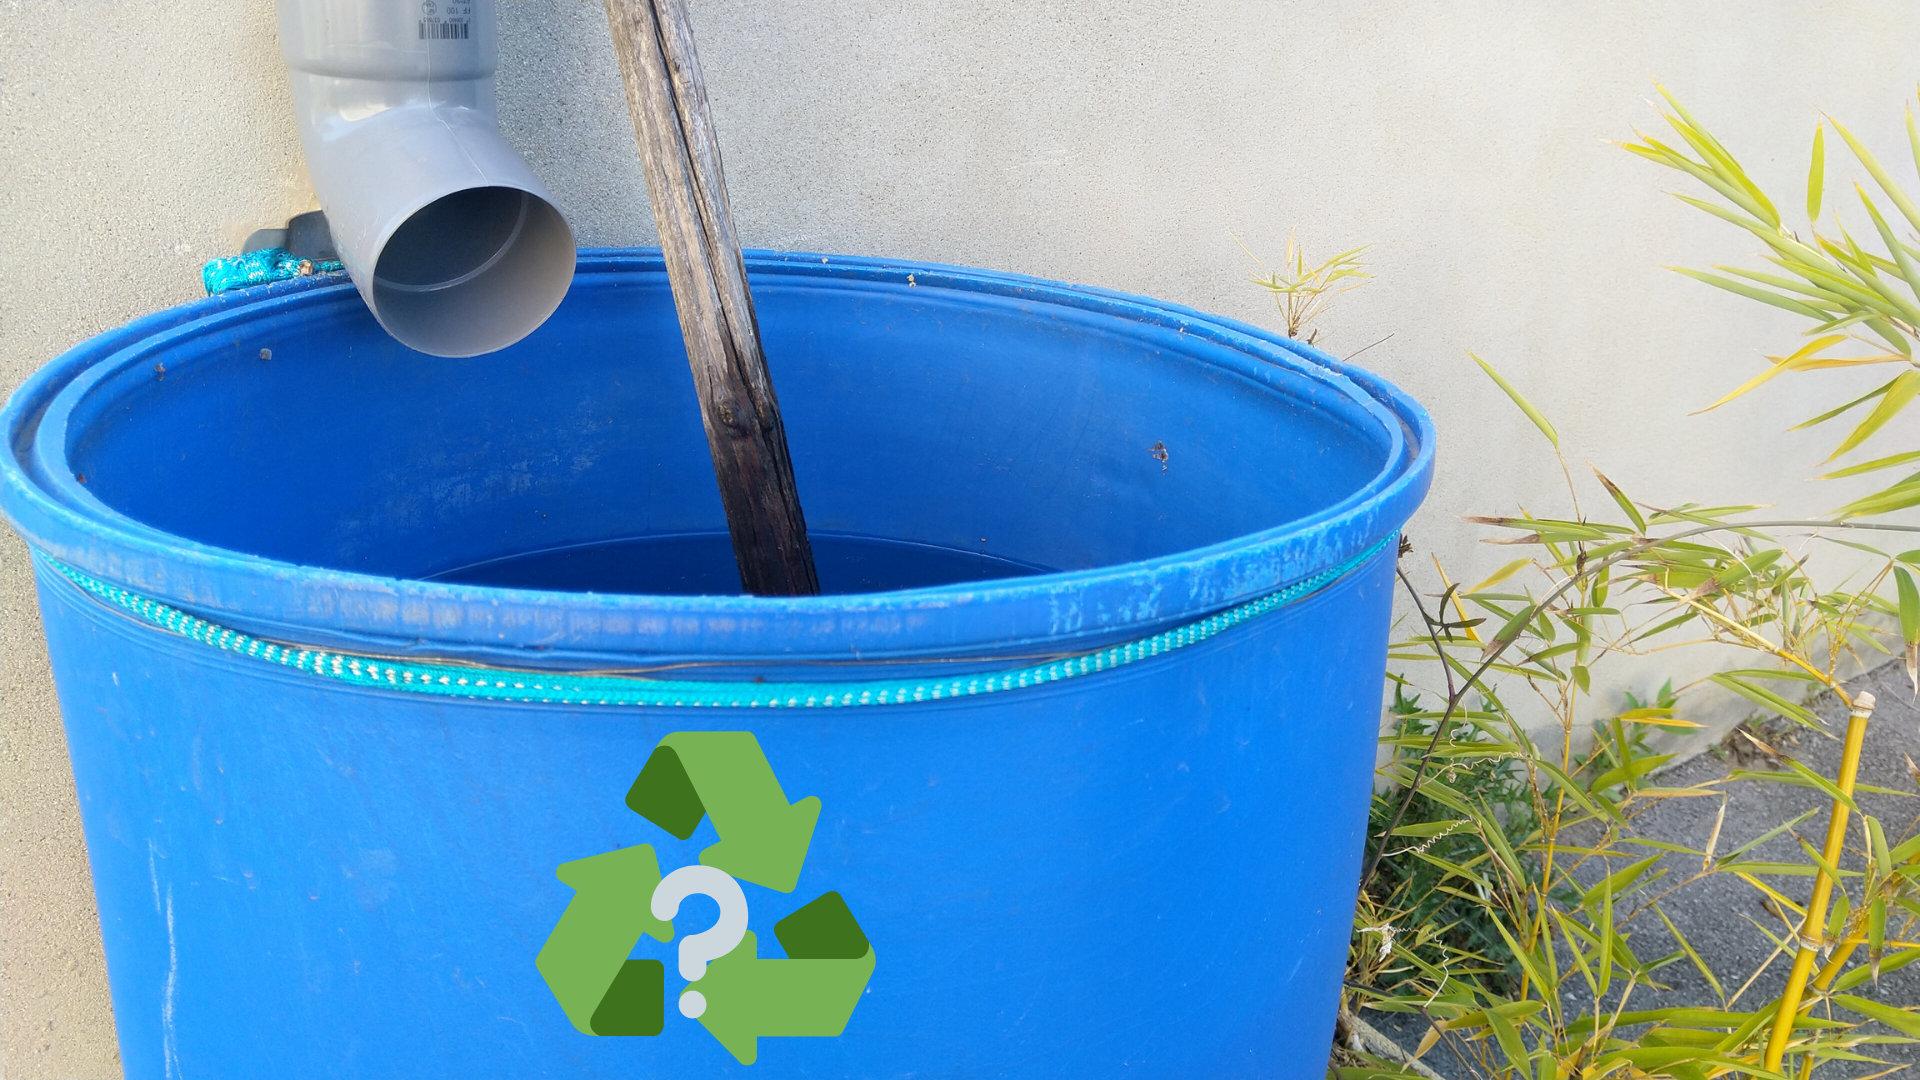 Permaculture design, ce récupérateur d'eau est un système du potager autonome